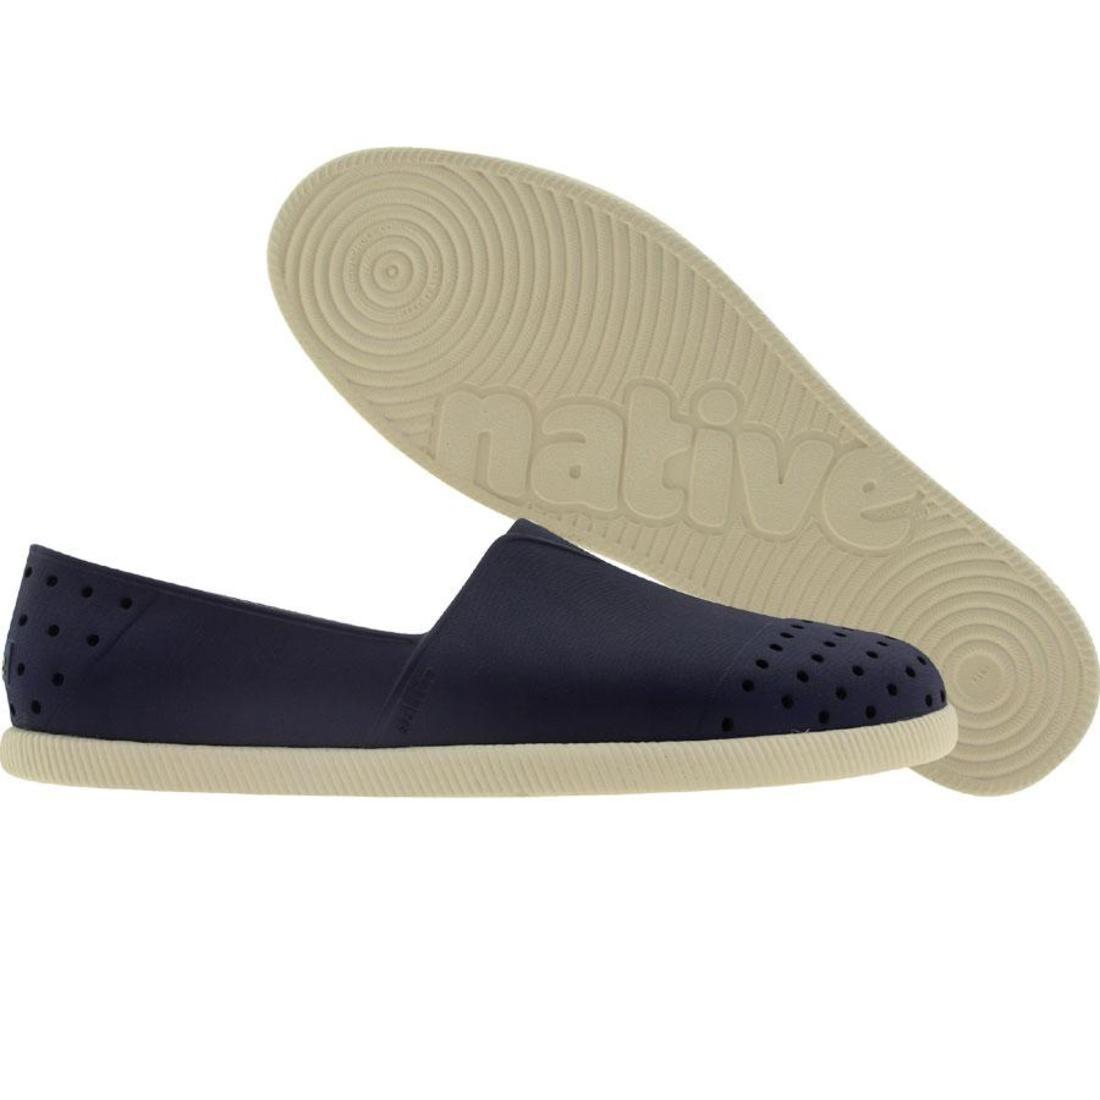 【海外限定】ネイティブ スニーカー メンズ靴 【 NATIVE VERONA REGATTA BLUE 】